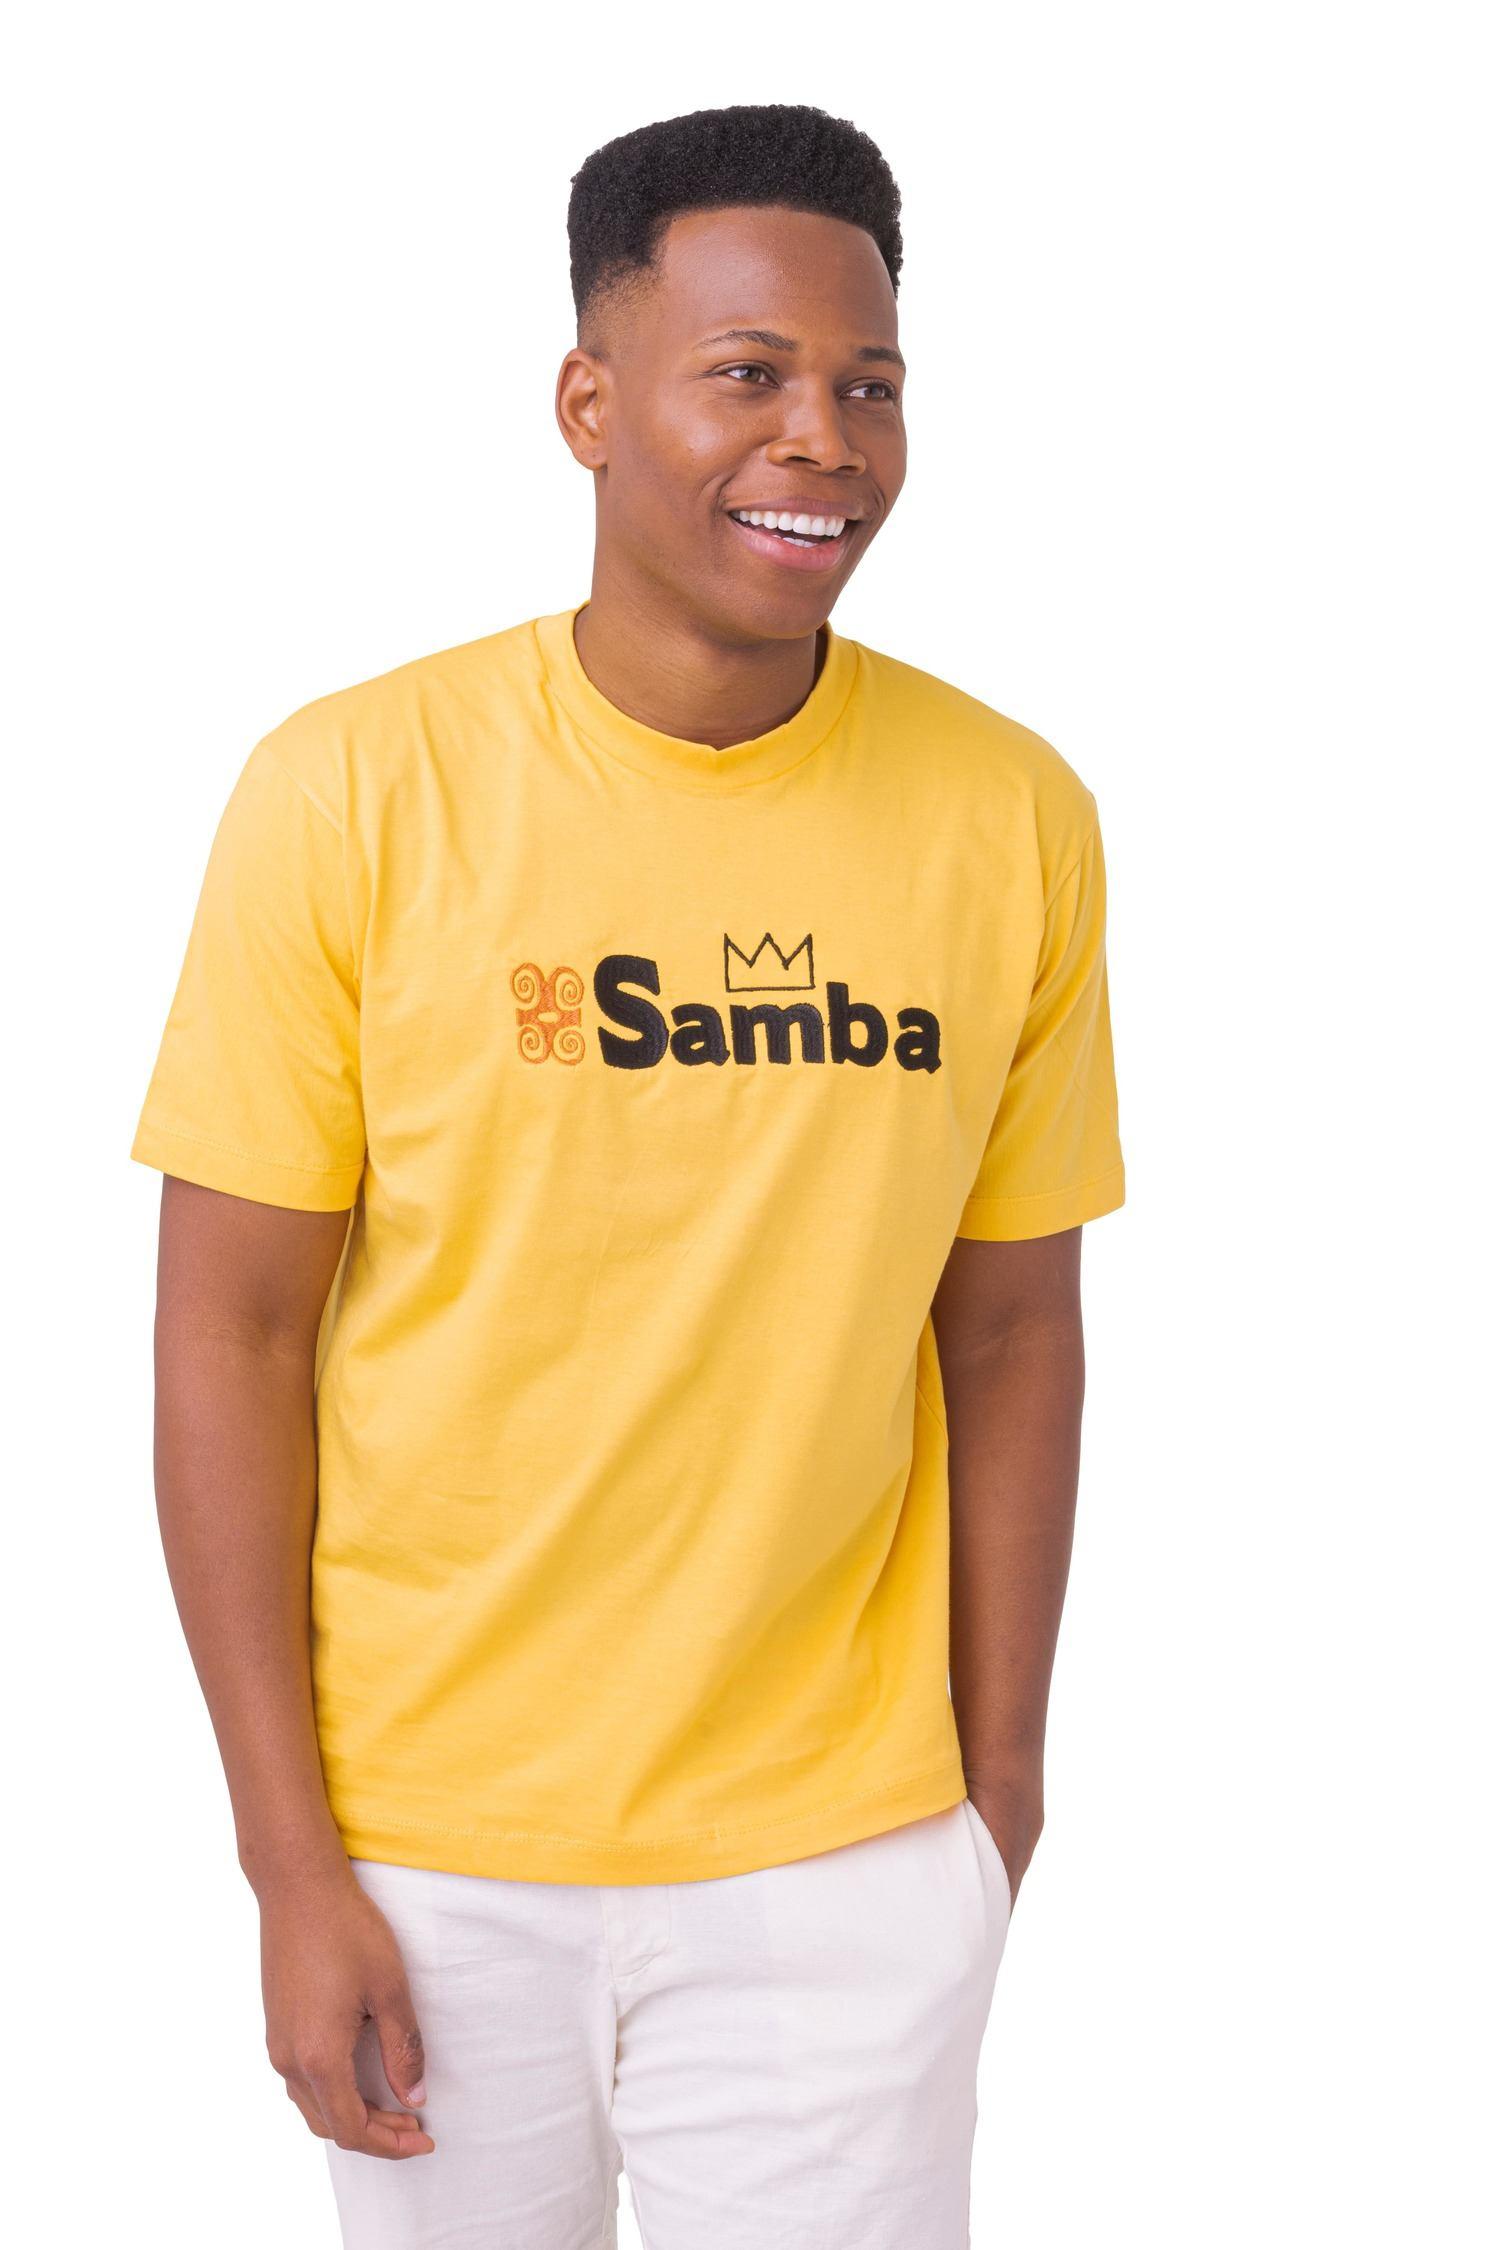 Camisa Borda e Samba